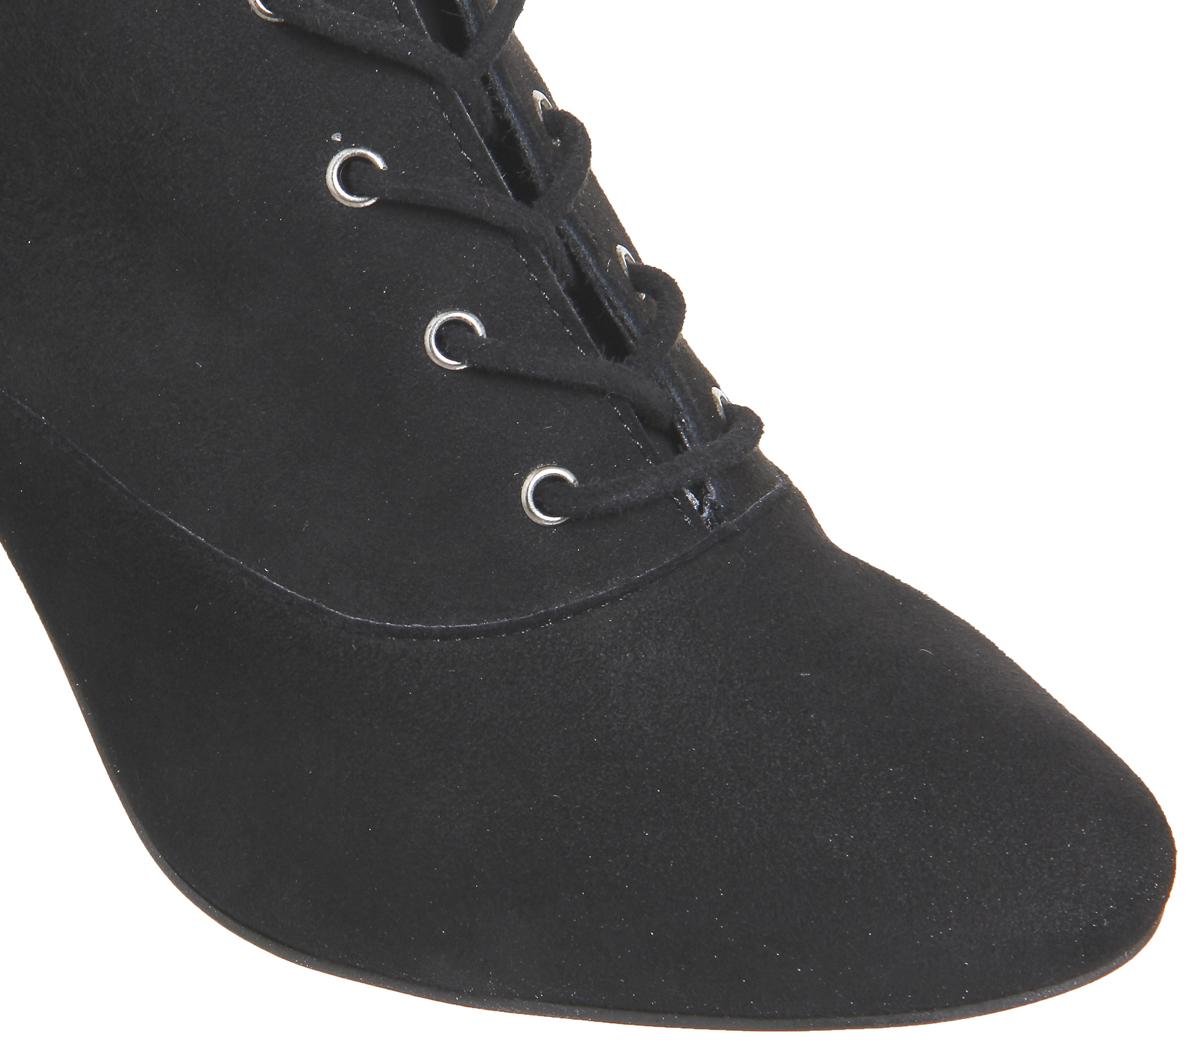 Mujer Zapatos De Tacón Bloque Con Cordones Negro Aroma De Oficina Negro Cordones Botas De Gamuza 2aca24